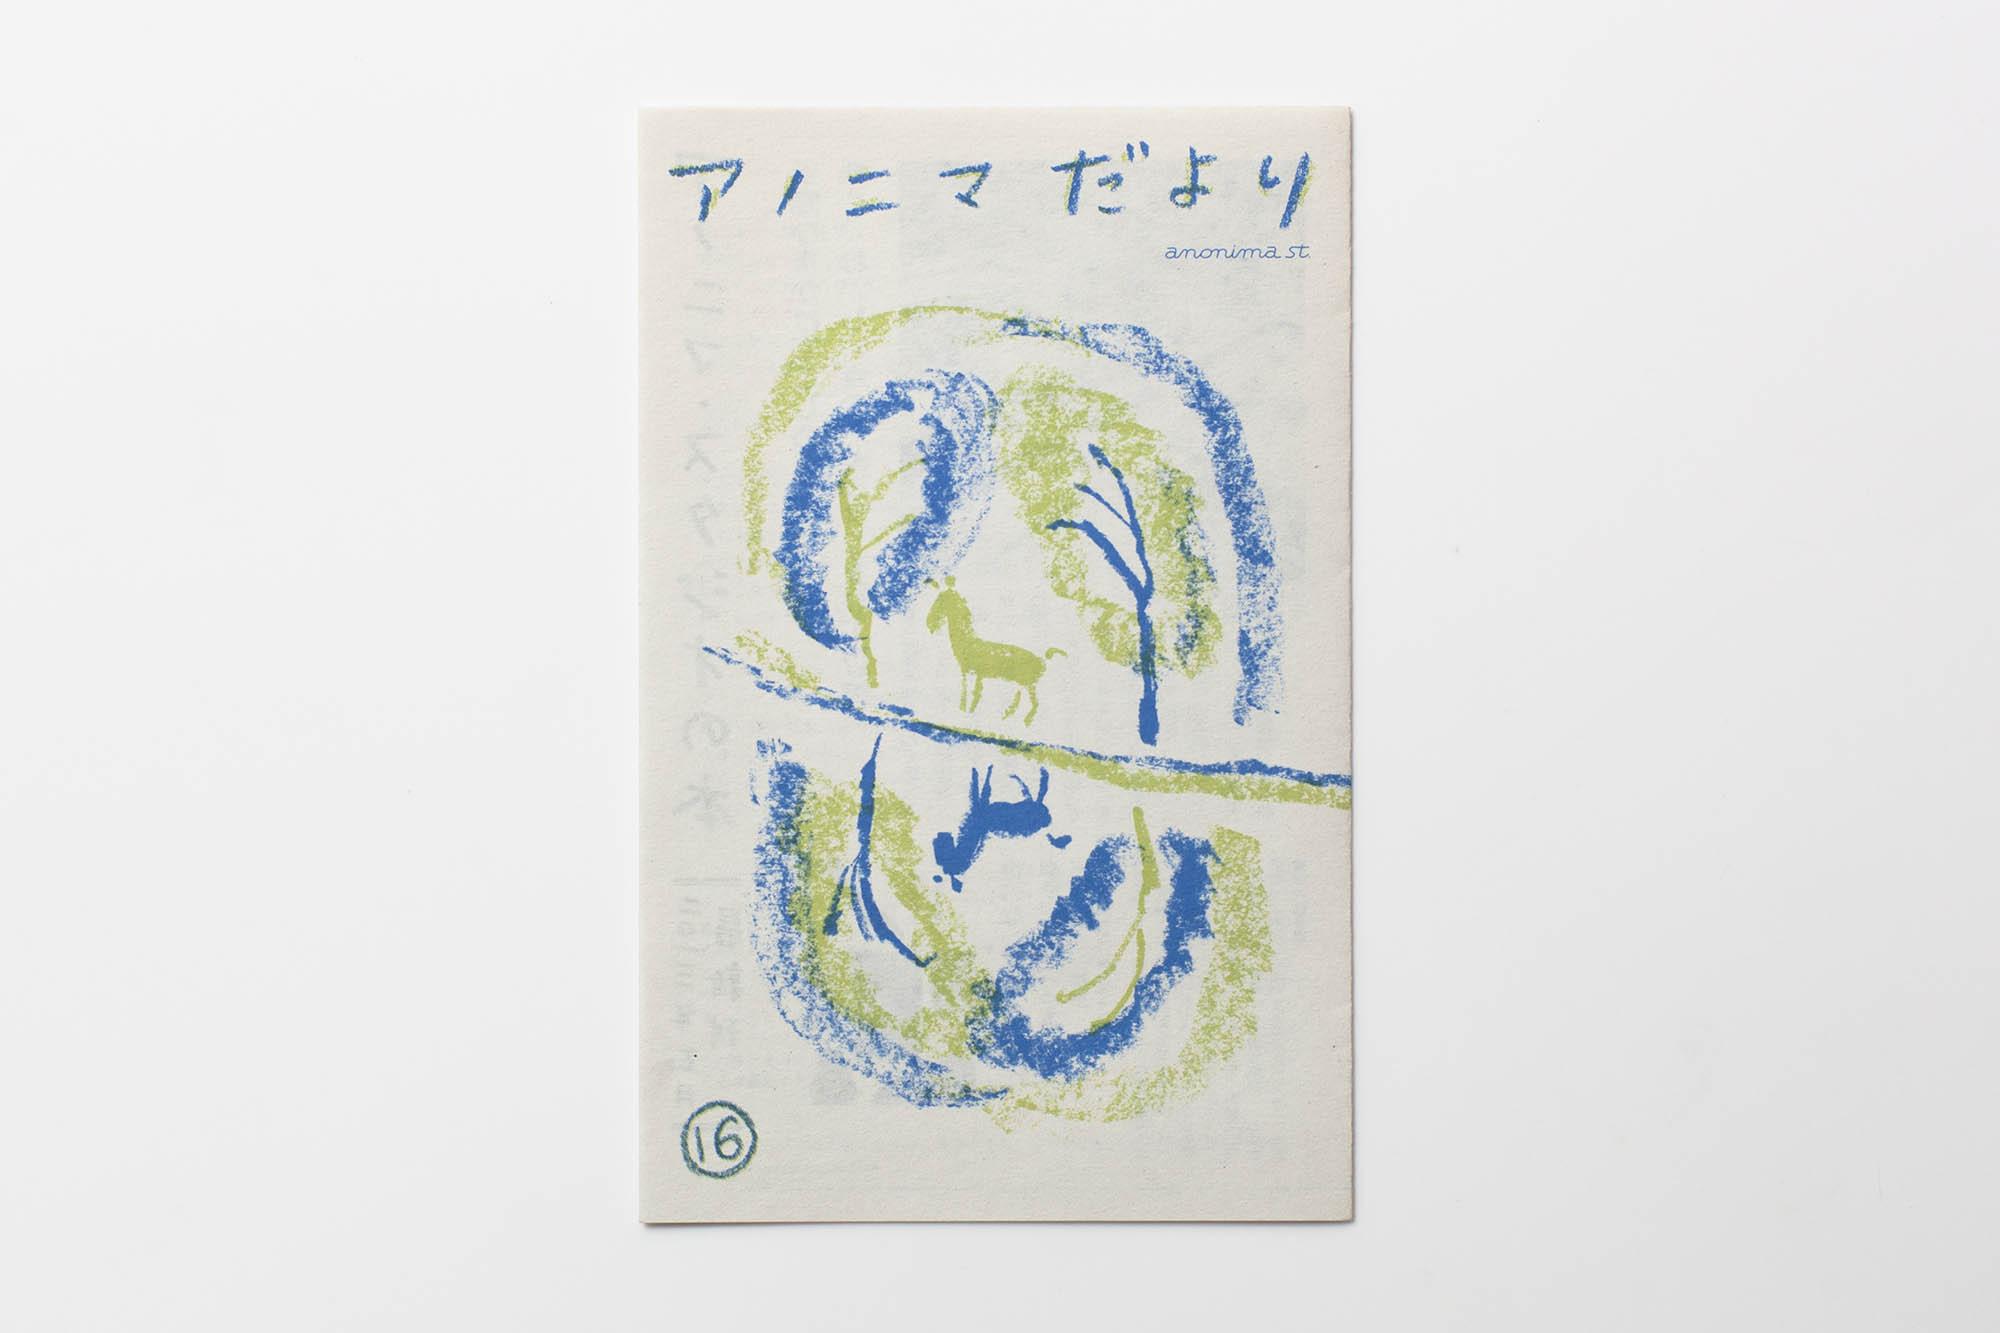 leaflet_DM_167